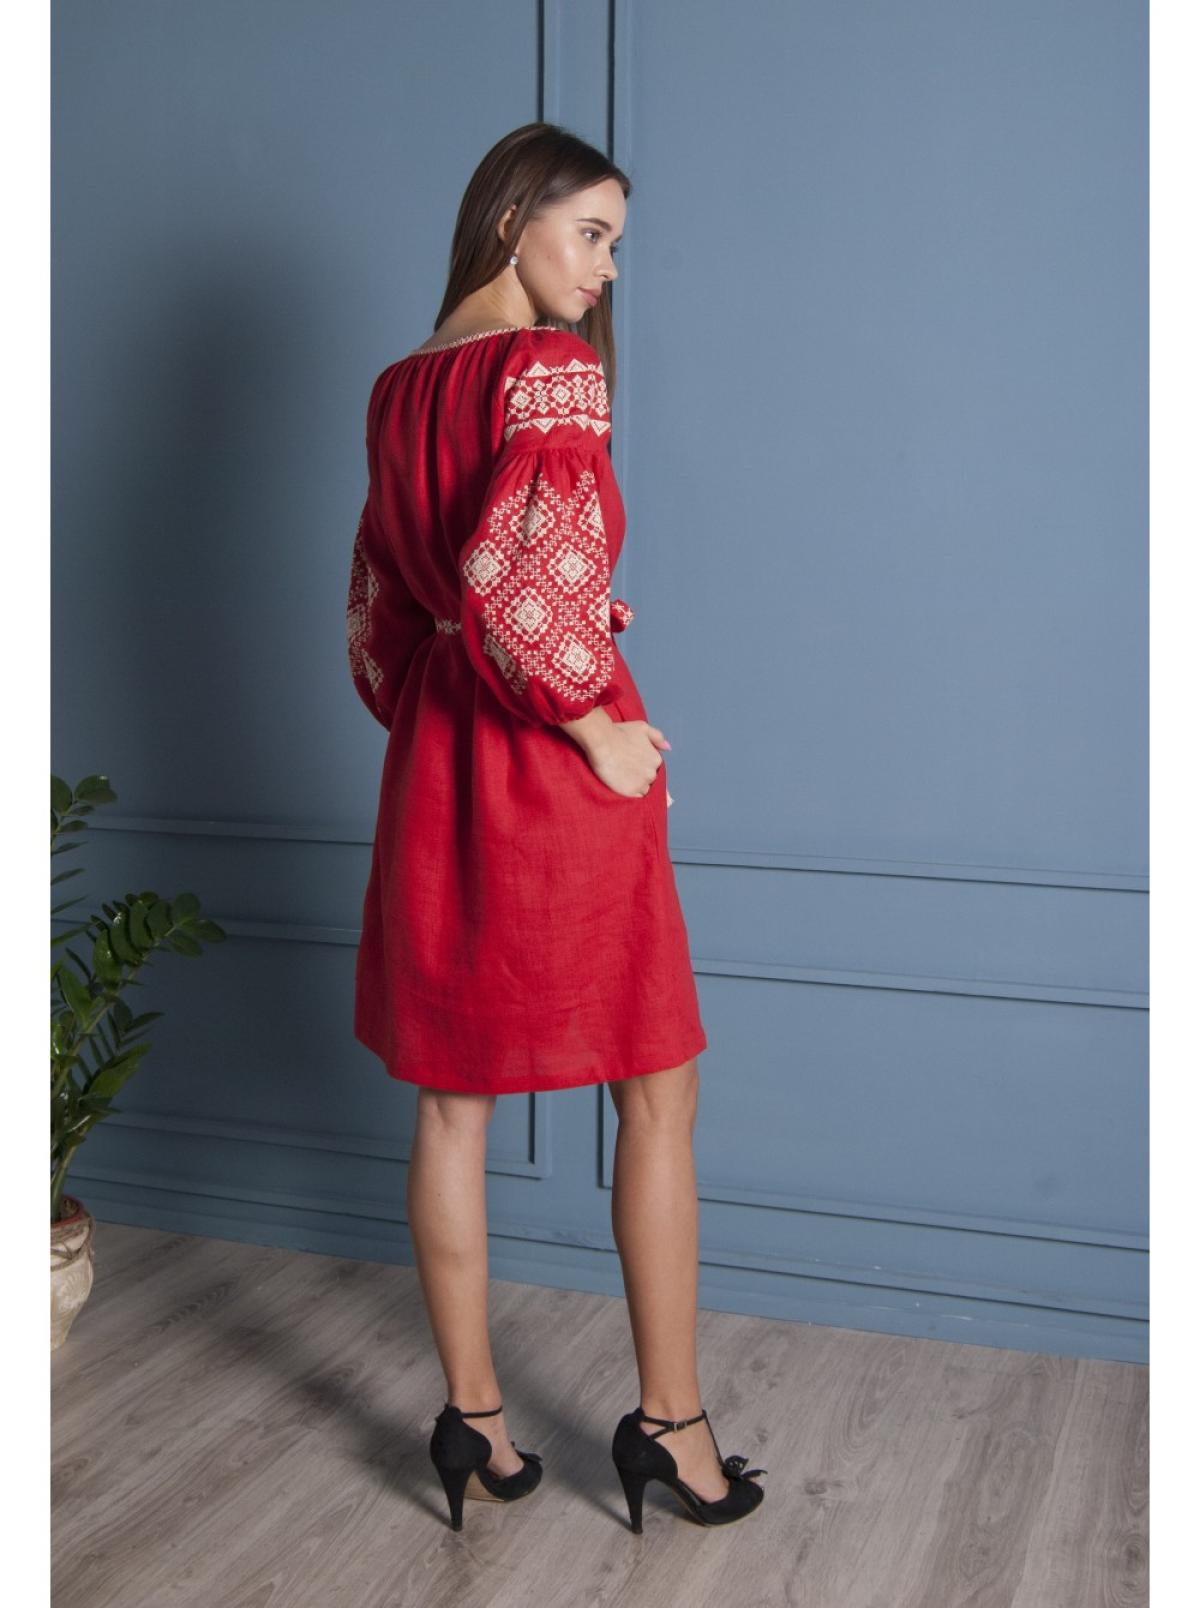 Червона лляна вишита сукня-міді. Фото №3. | Народний дім Україна